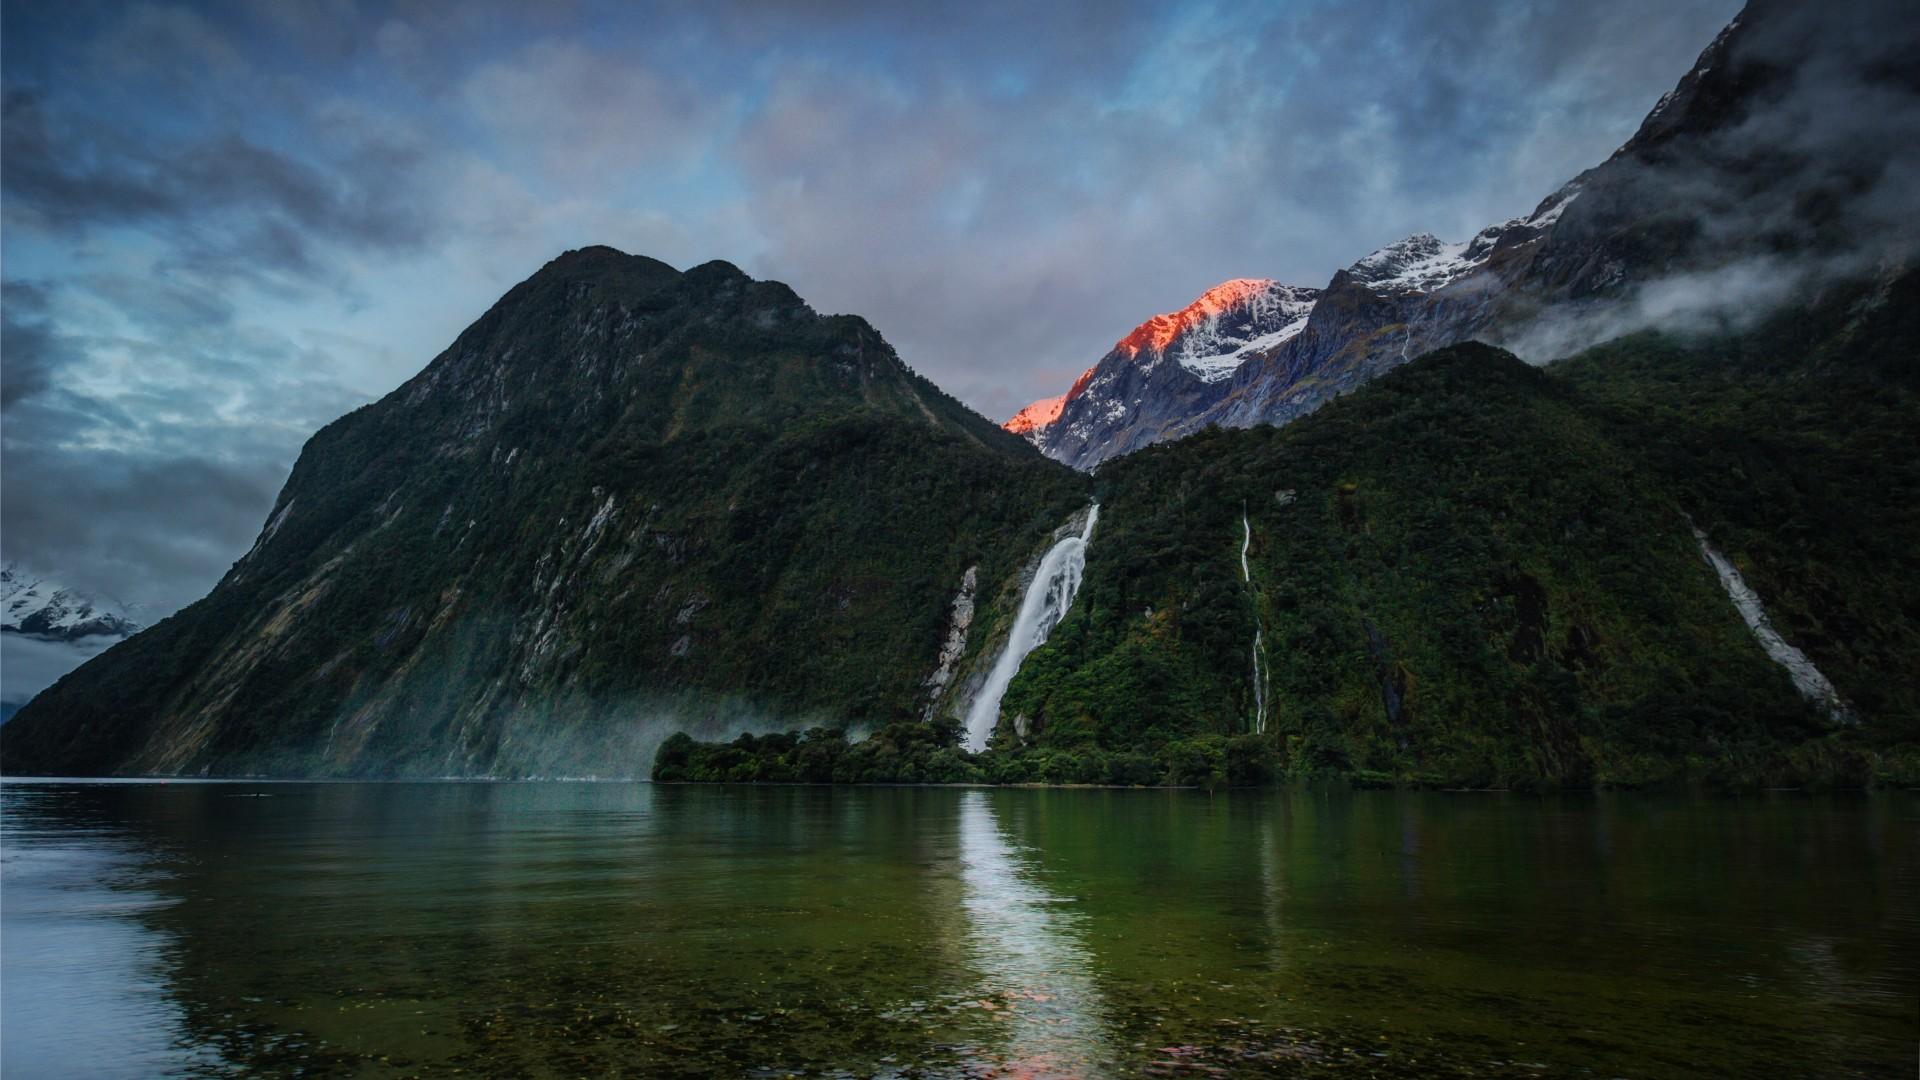 Wallpaper Waterfalls 5k 4k Wallpaper Mountains Sunset